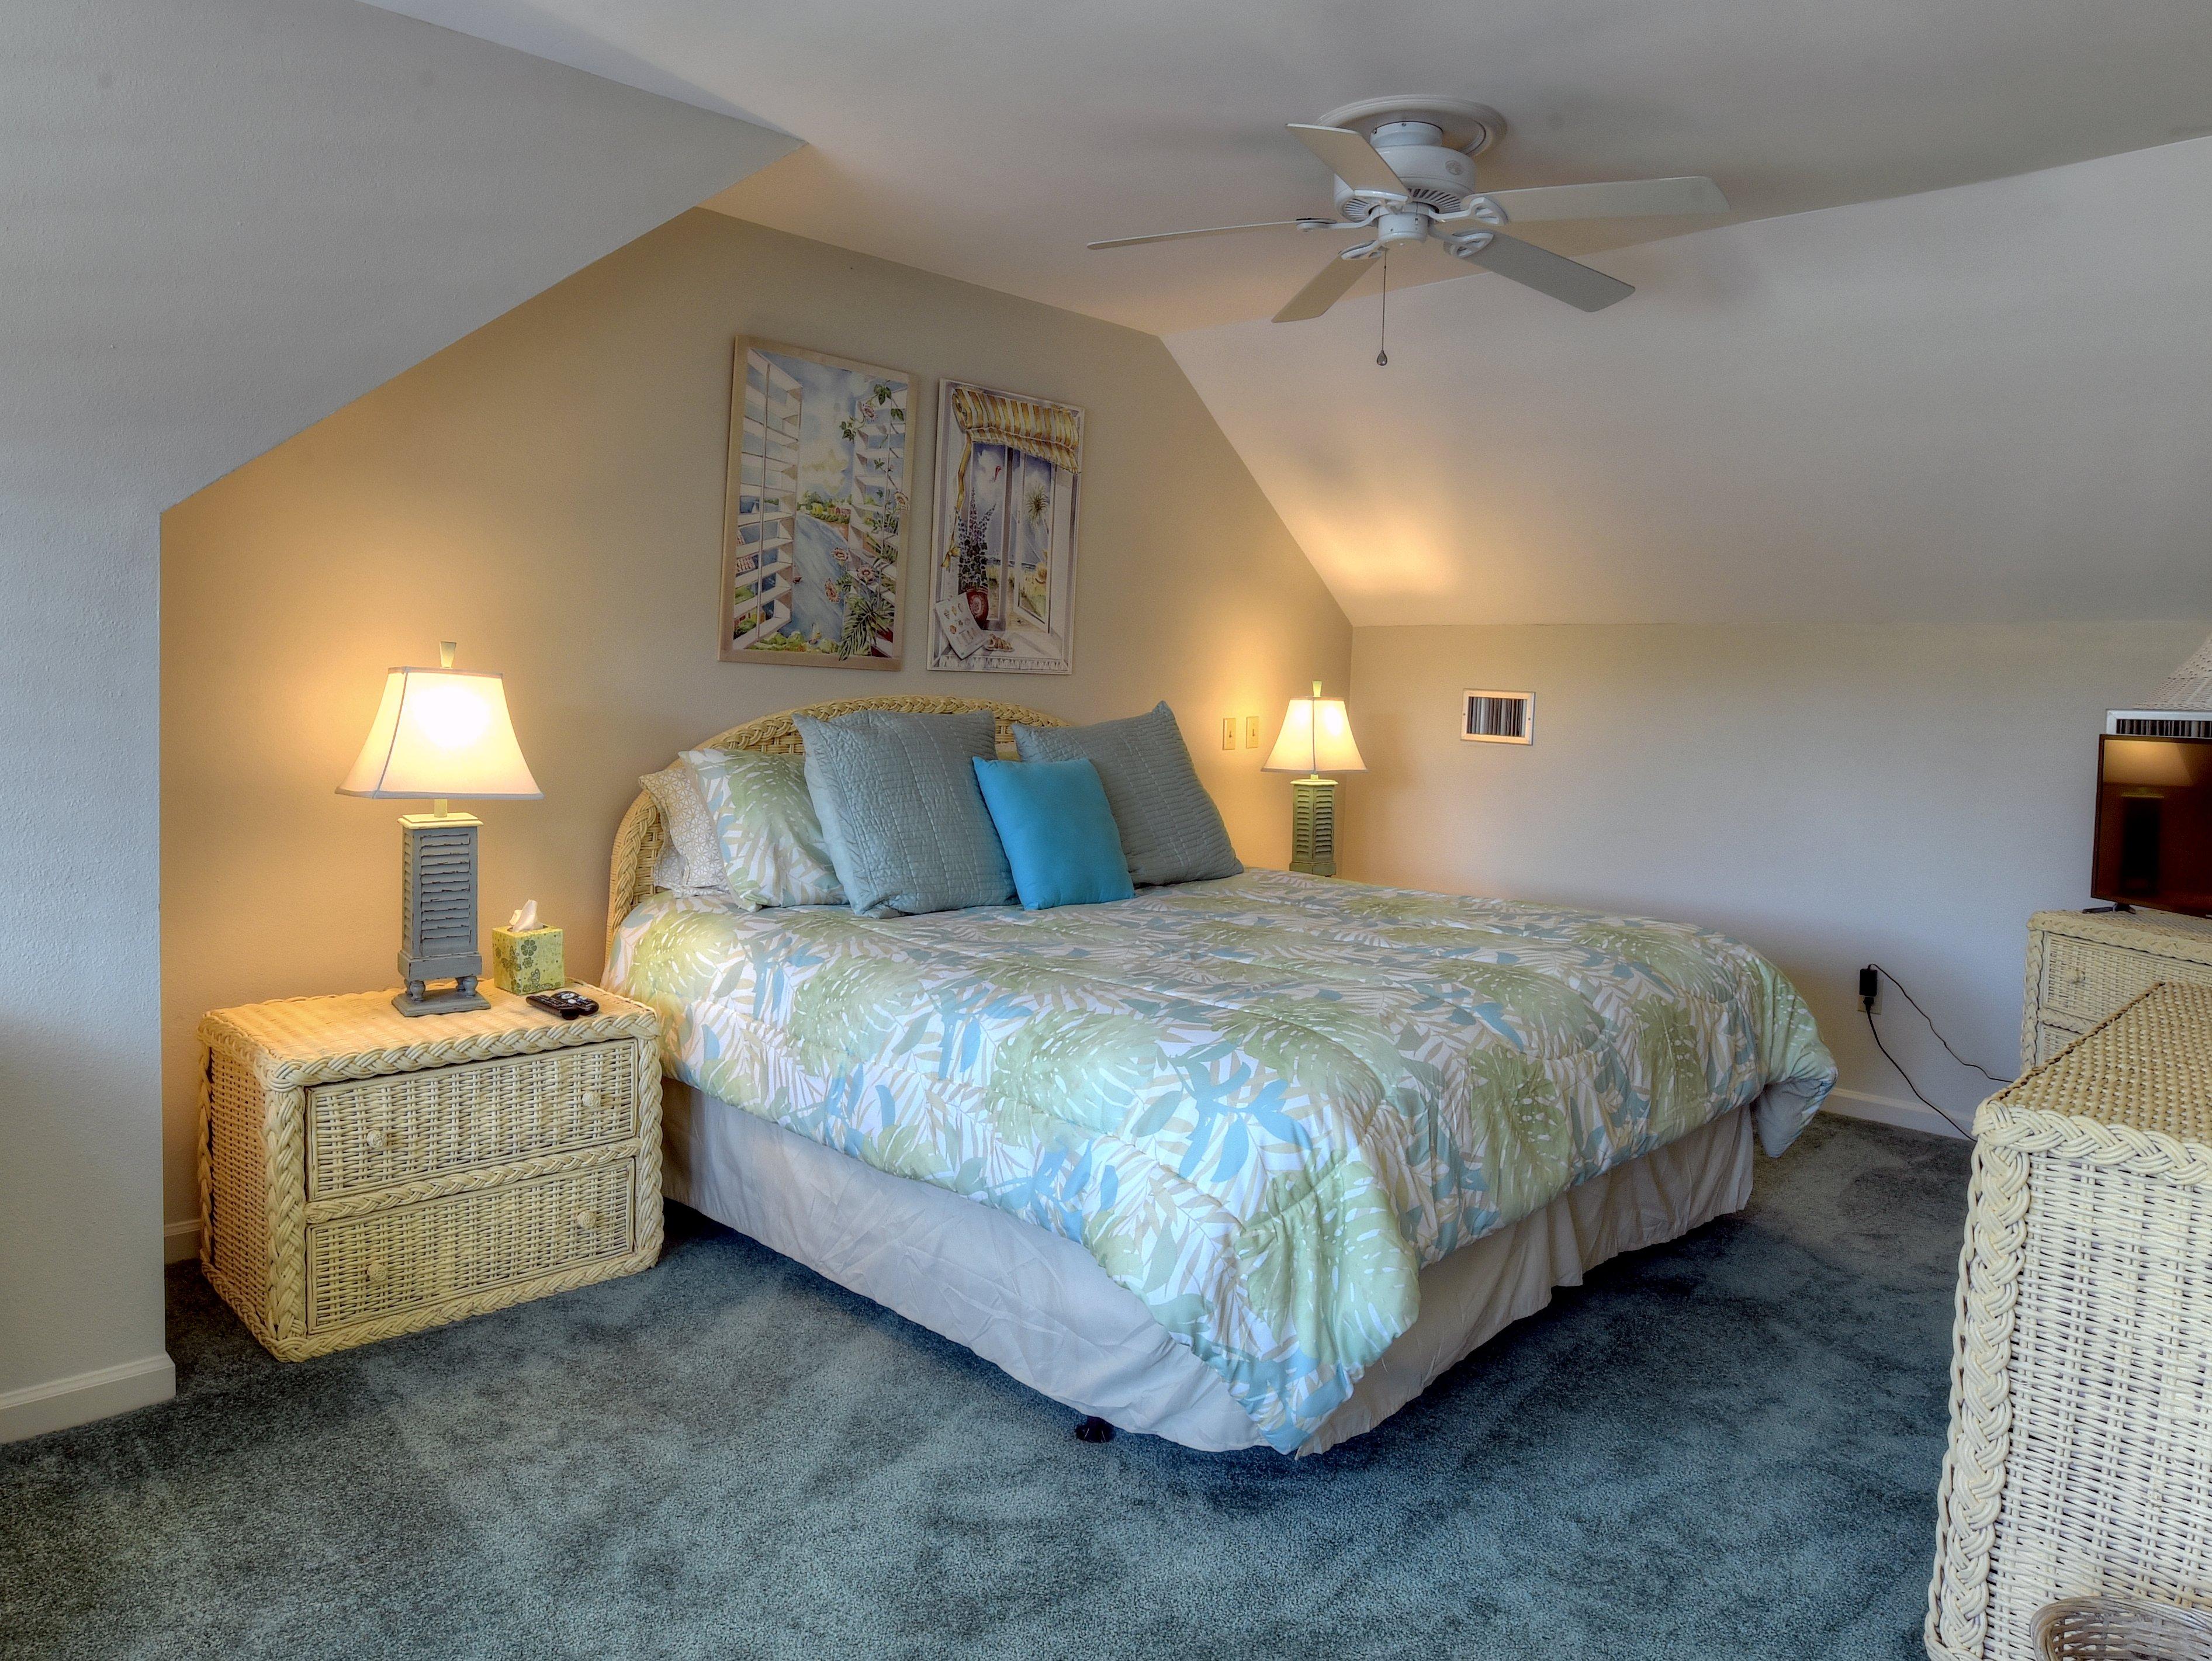 205 Fairways Condo rental in Sandestin Rentals ~ Cottages and Villas  in Destin Florida - #16